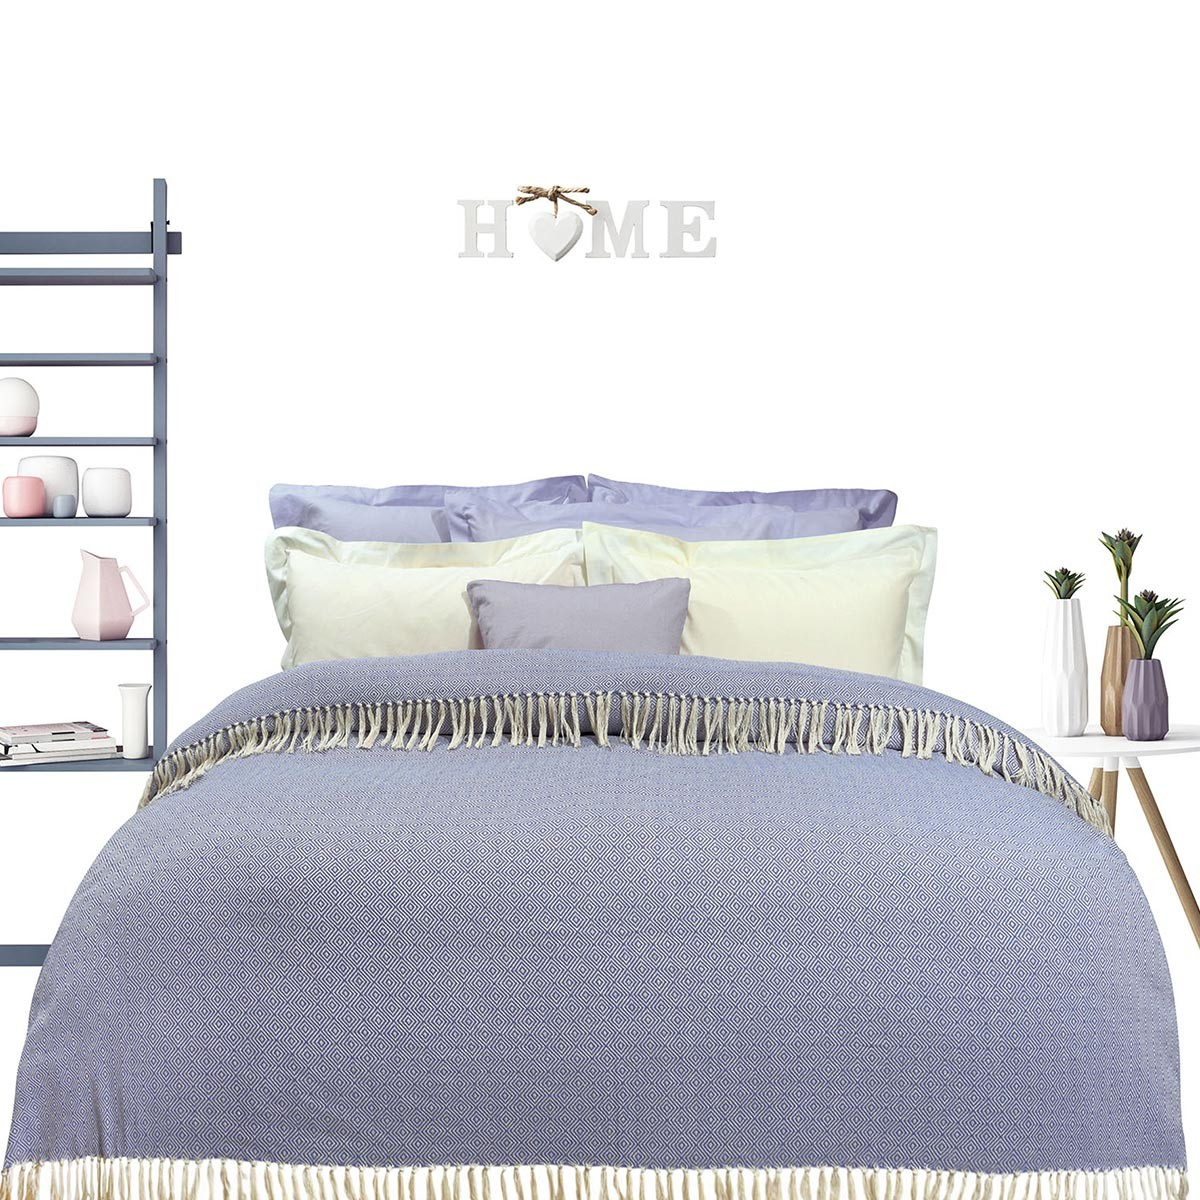 Κουβερτόριο Υπέρδιπλο Das Home Blanket Line Jacquard 382 66689